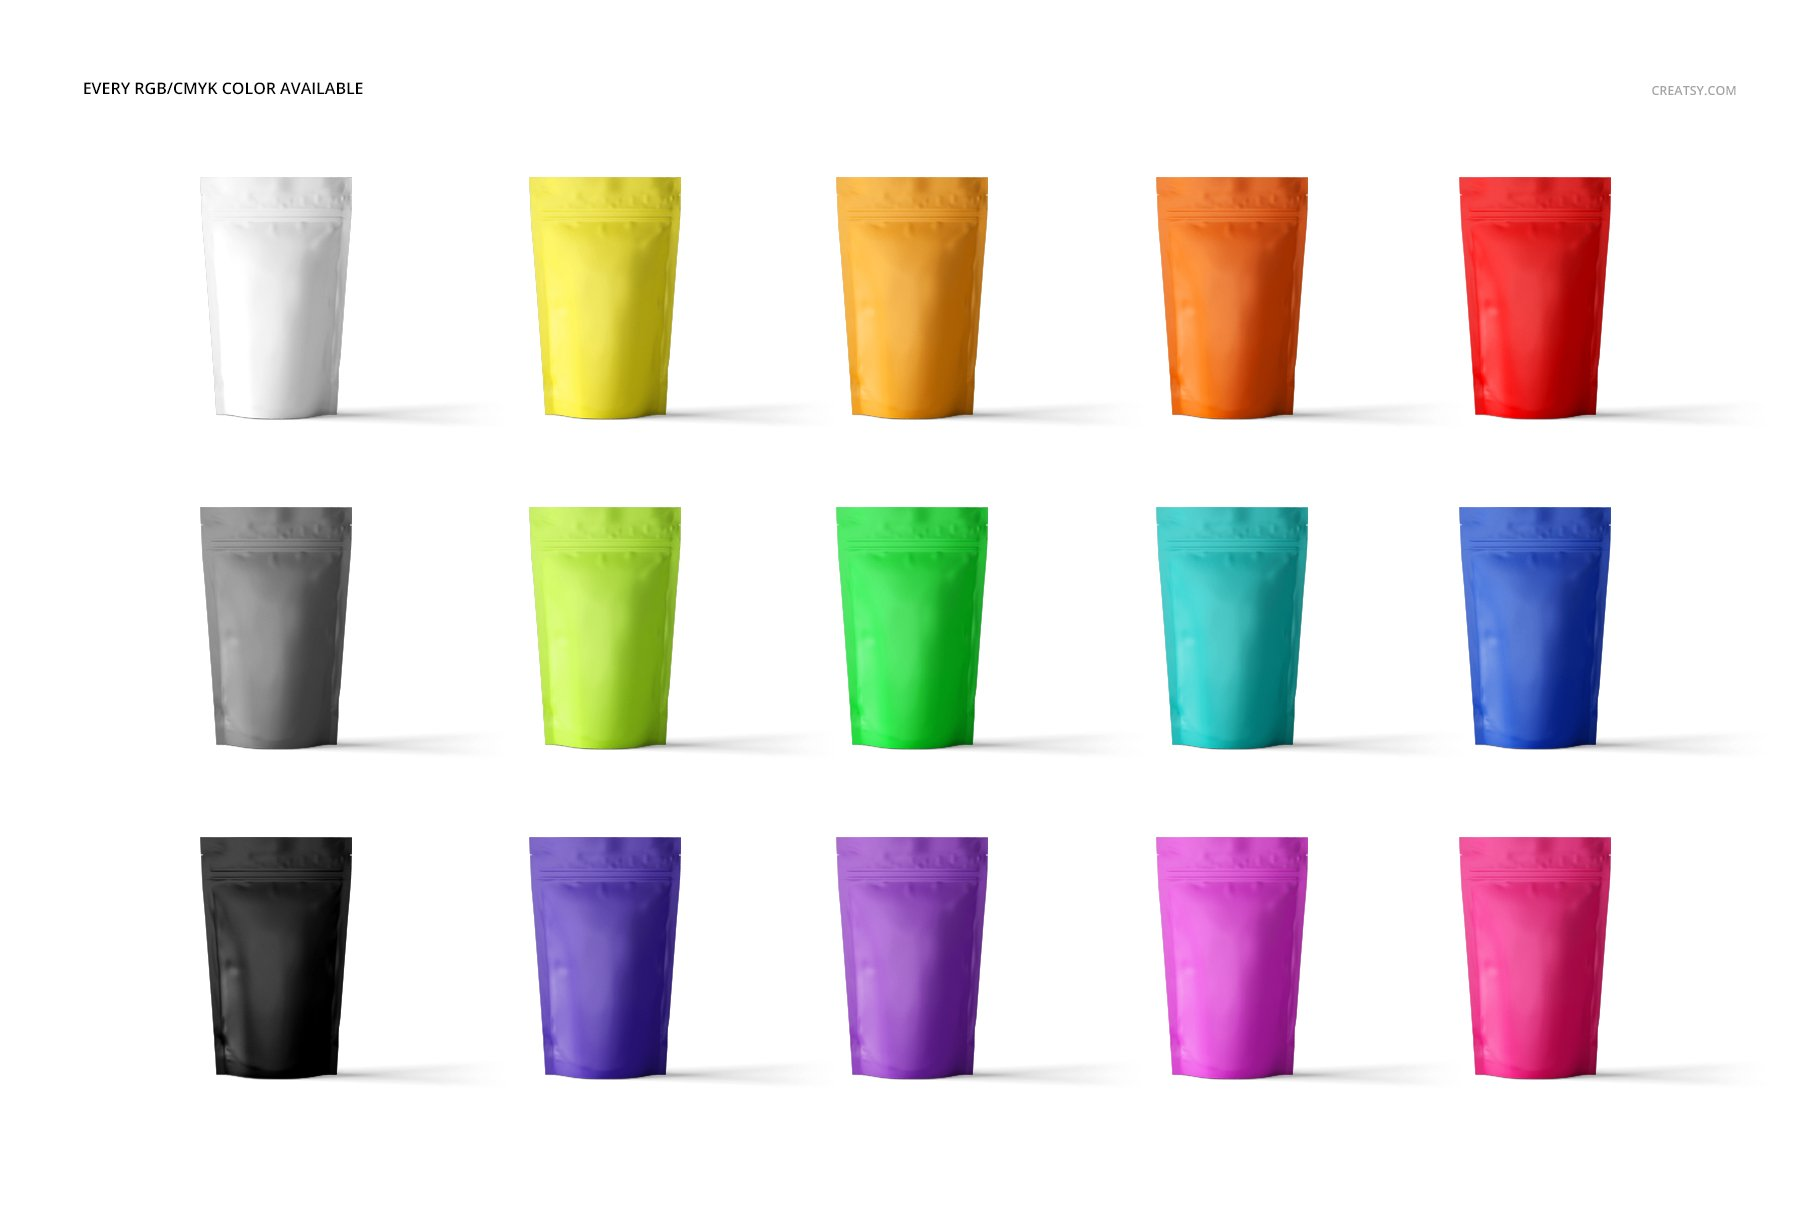 简约立式拉链锁食品自封袋塑料袋设计展示样机合集 Stand Up Pouch Mockup Set 2插图(2)